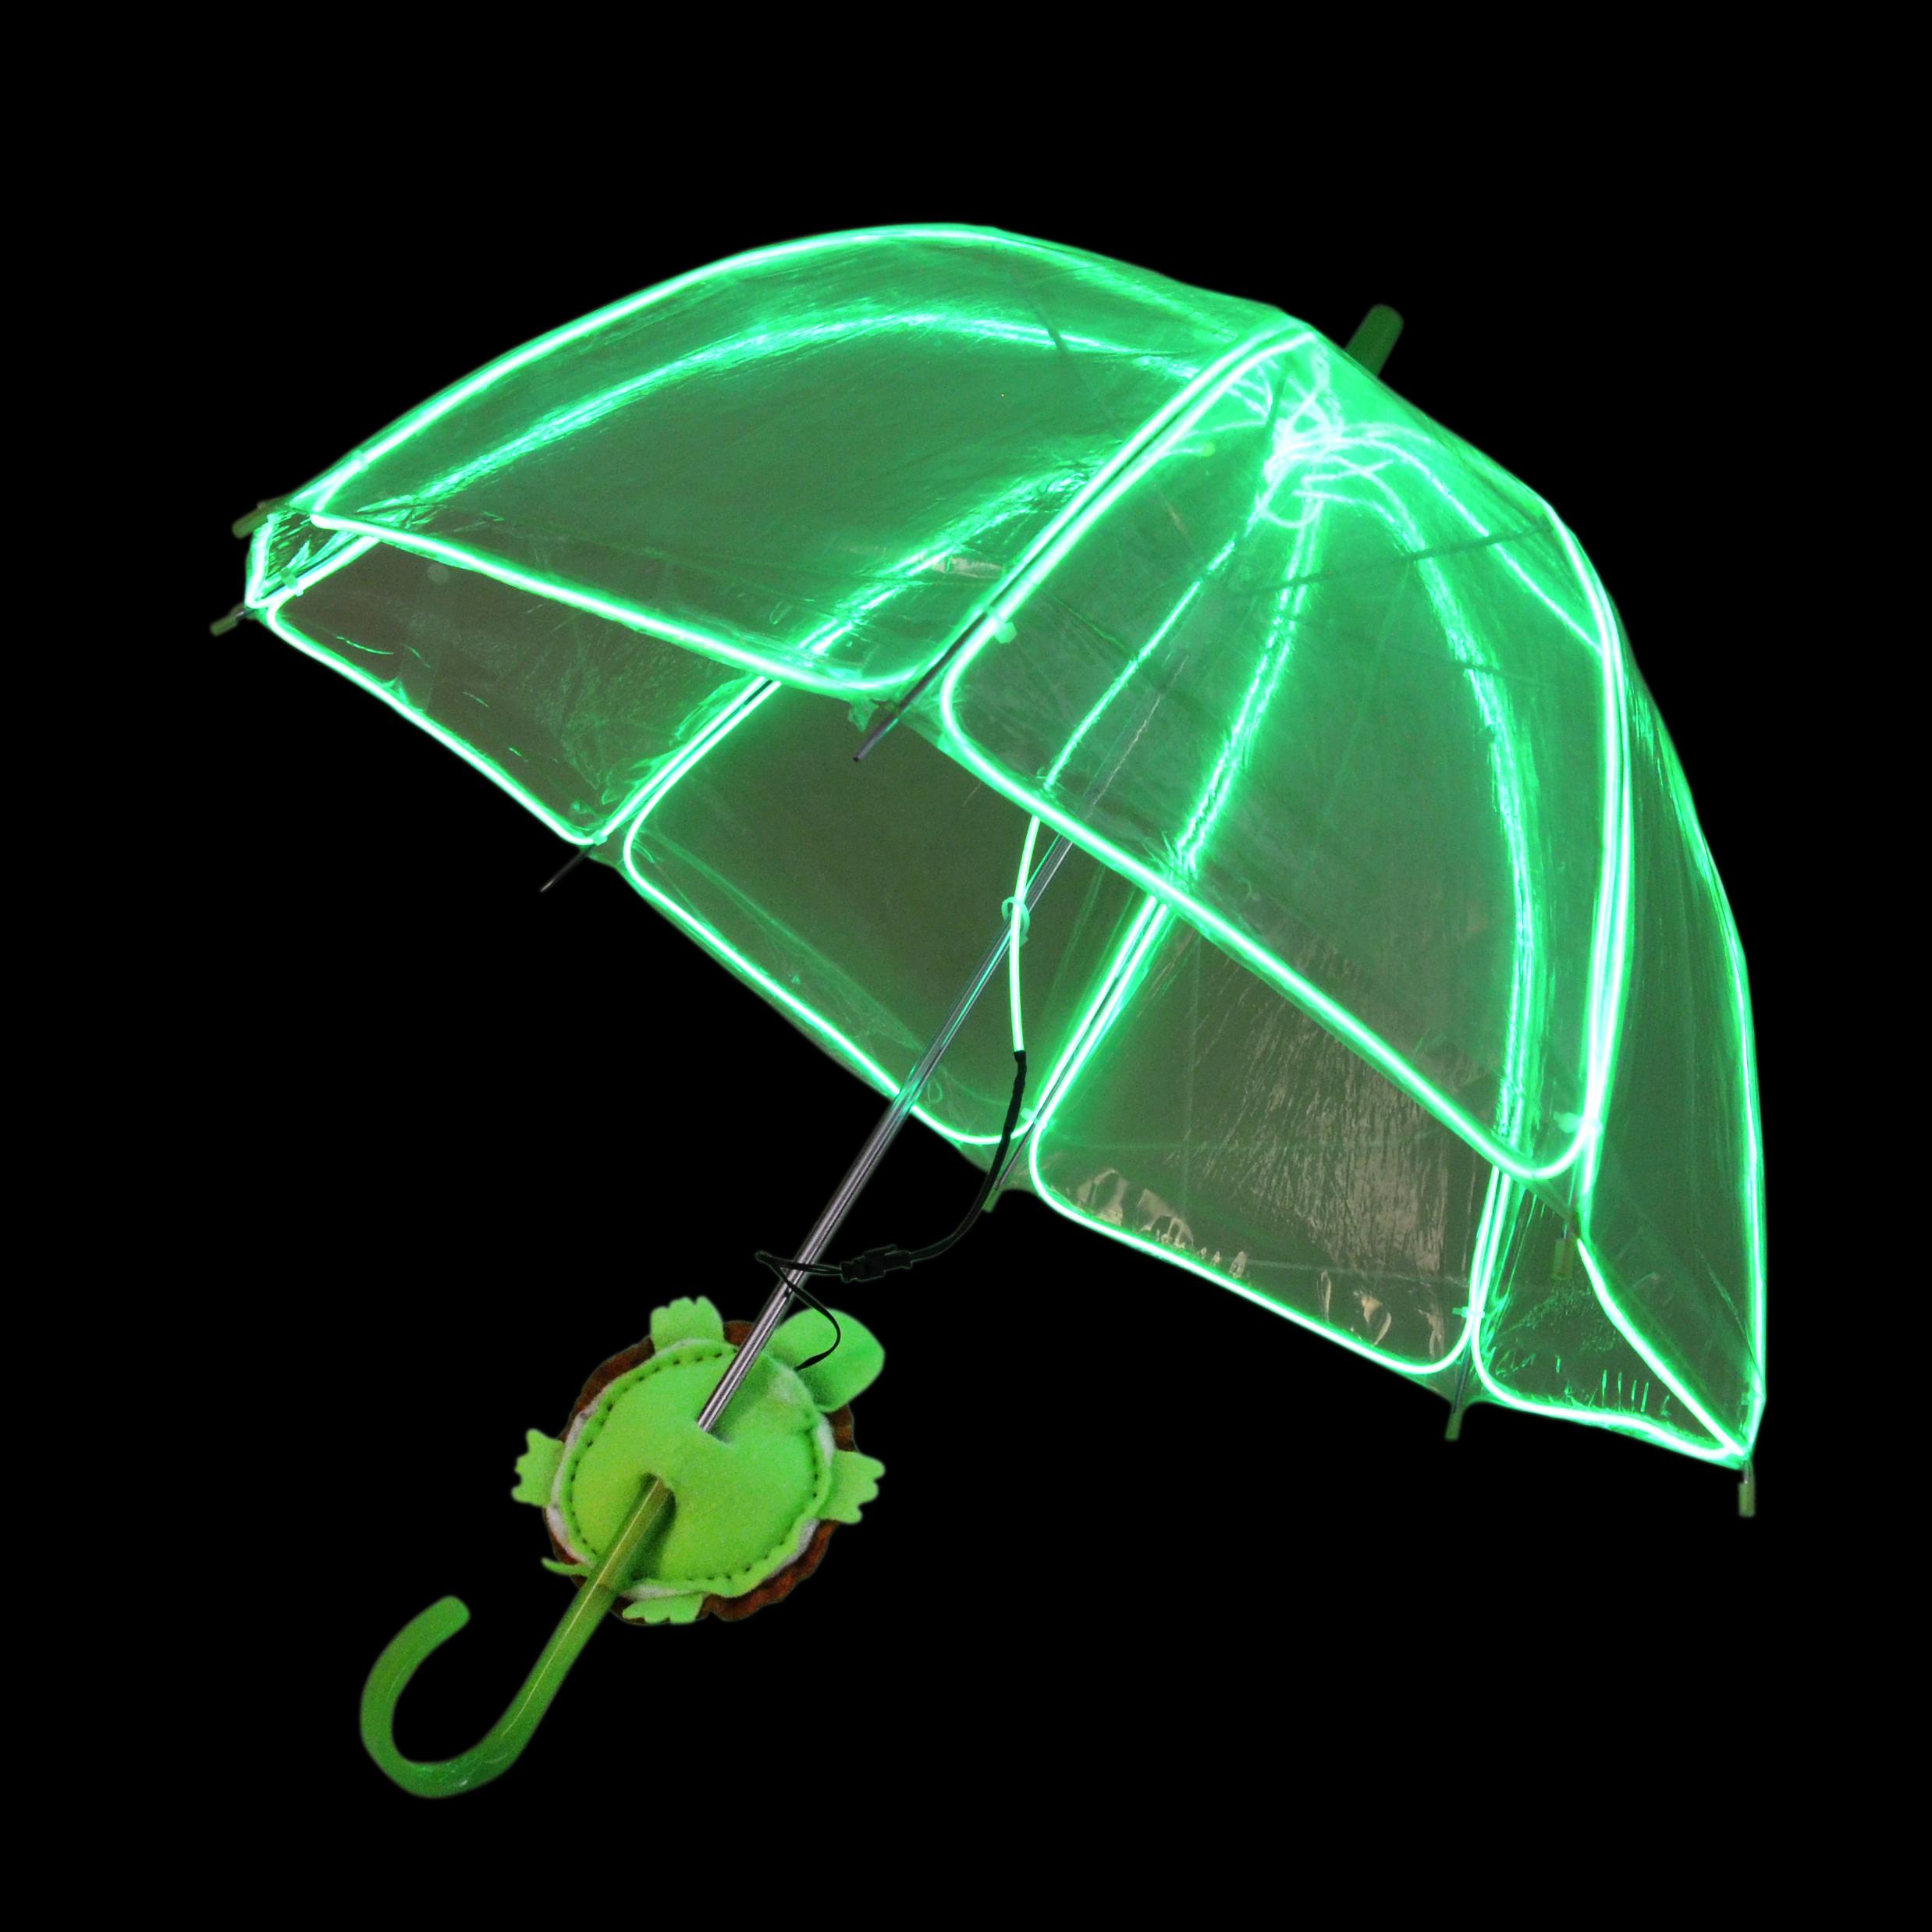 EZ-EL Wire Green Children's Light Up Green Umbrella Step-By-Step Tutorial